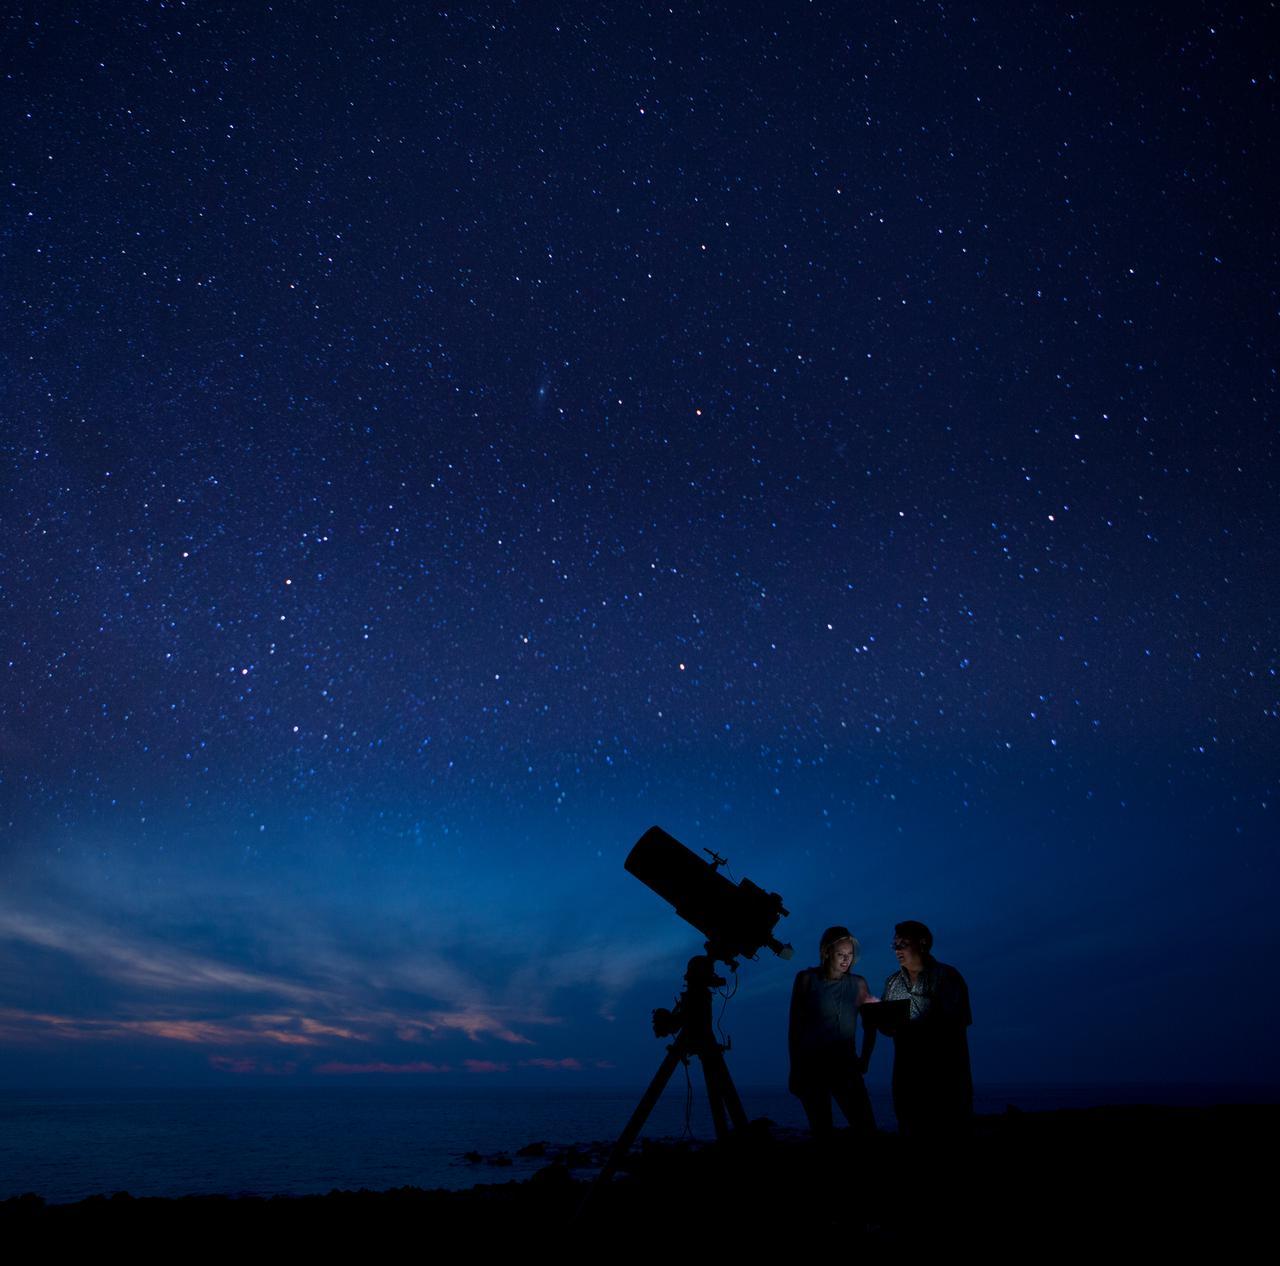 画像: マウナケア星空(イメージ)©ハワイ観光局 (HTA)ダナ・エドマンズ